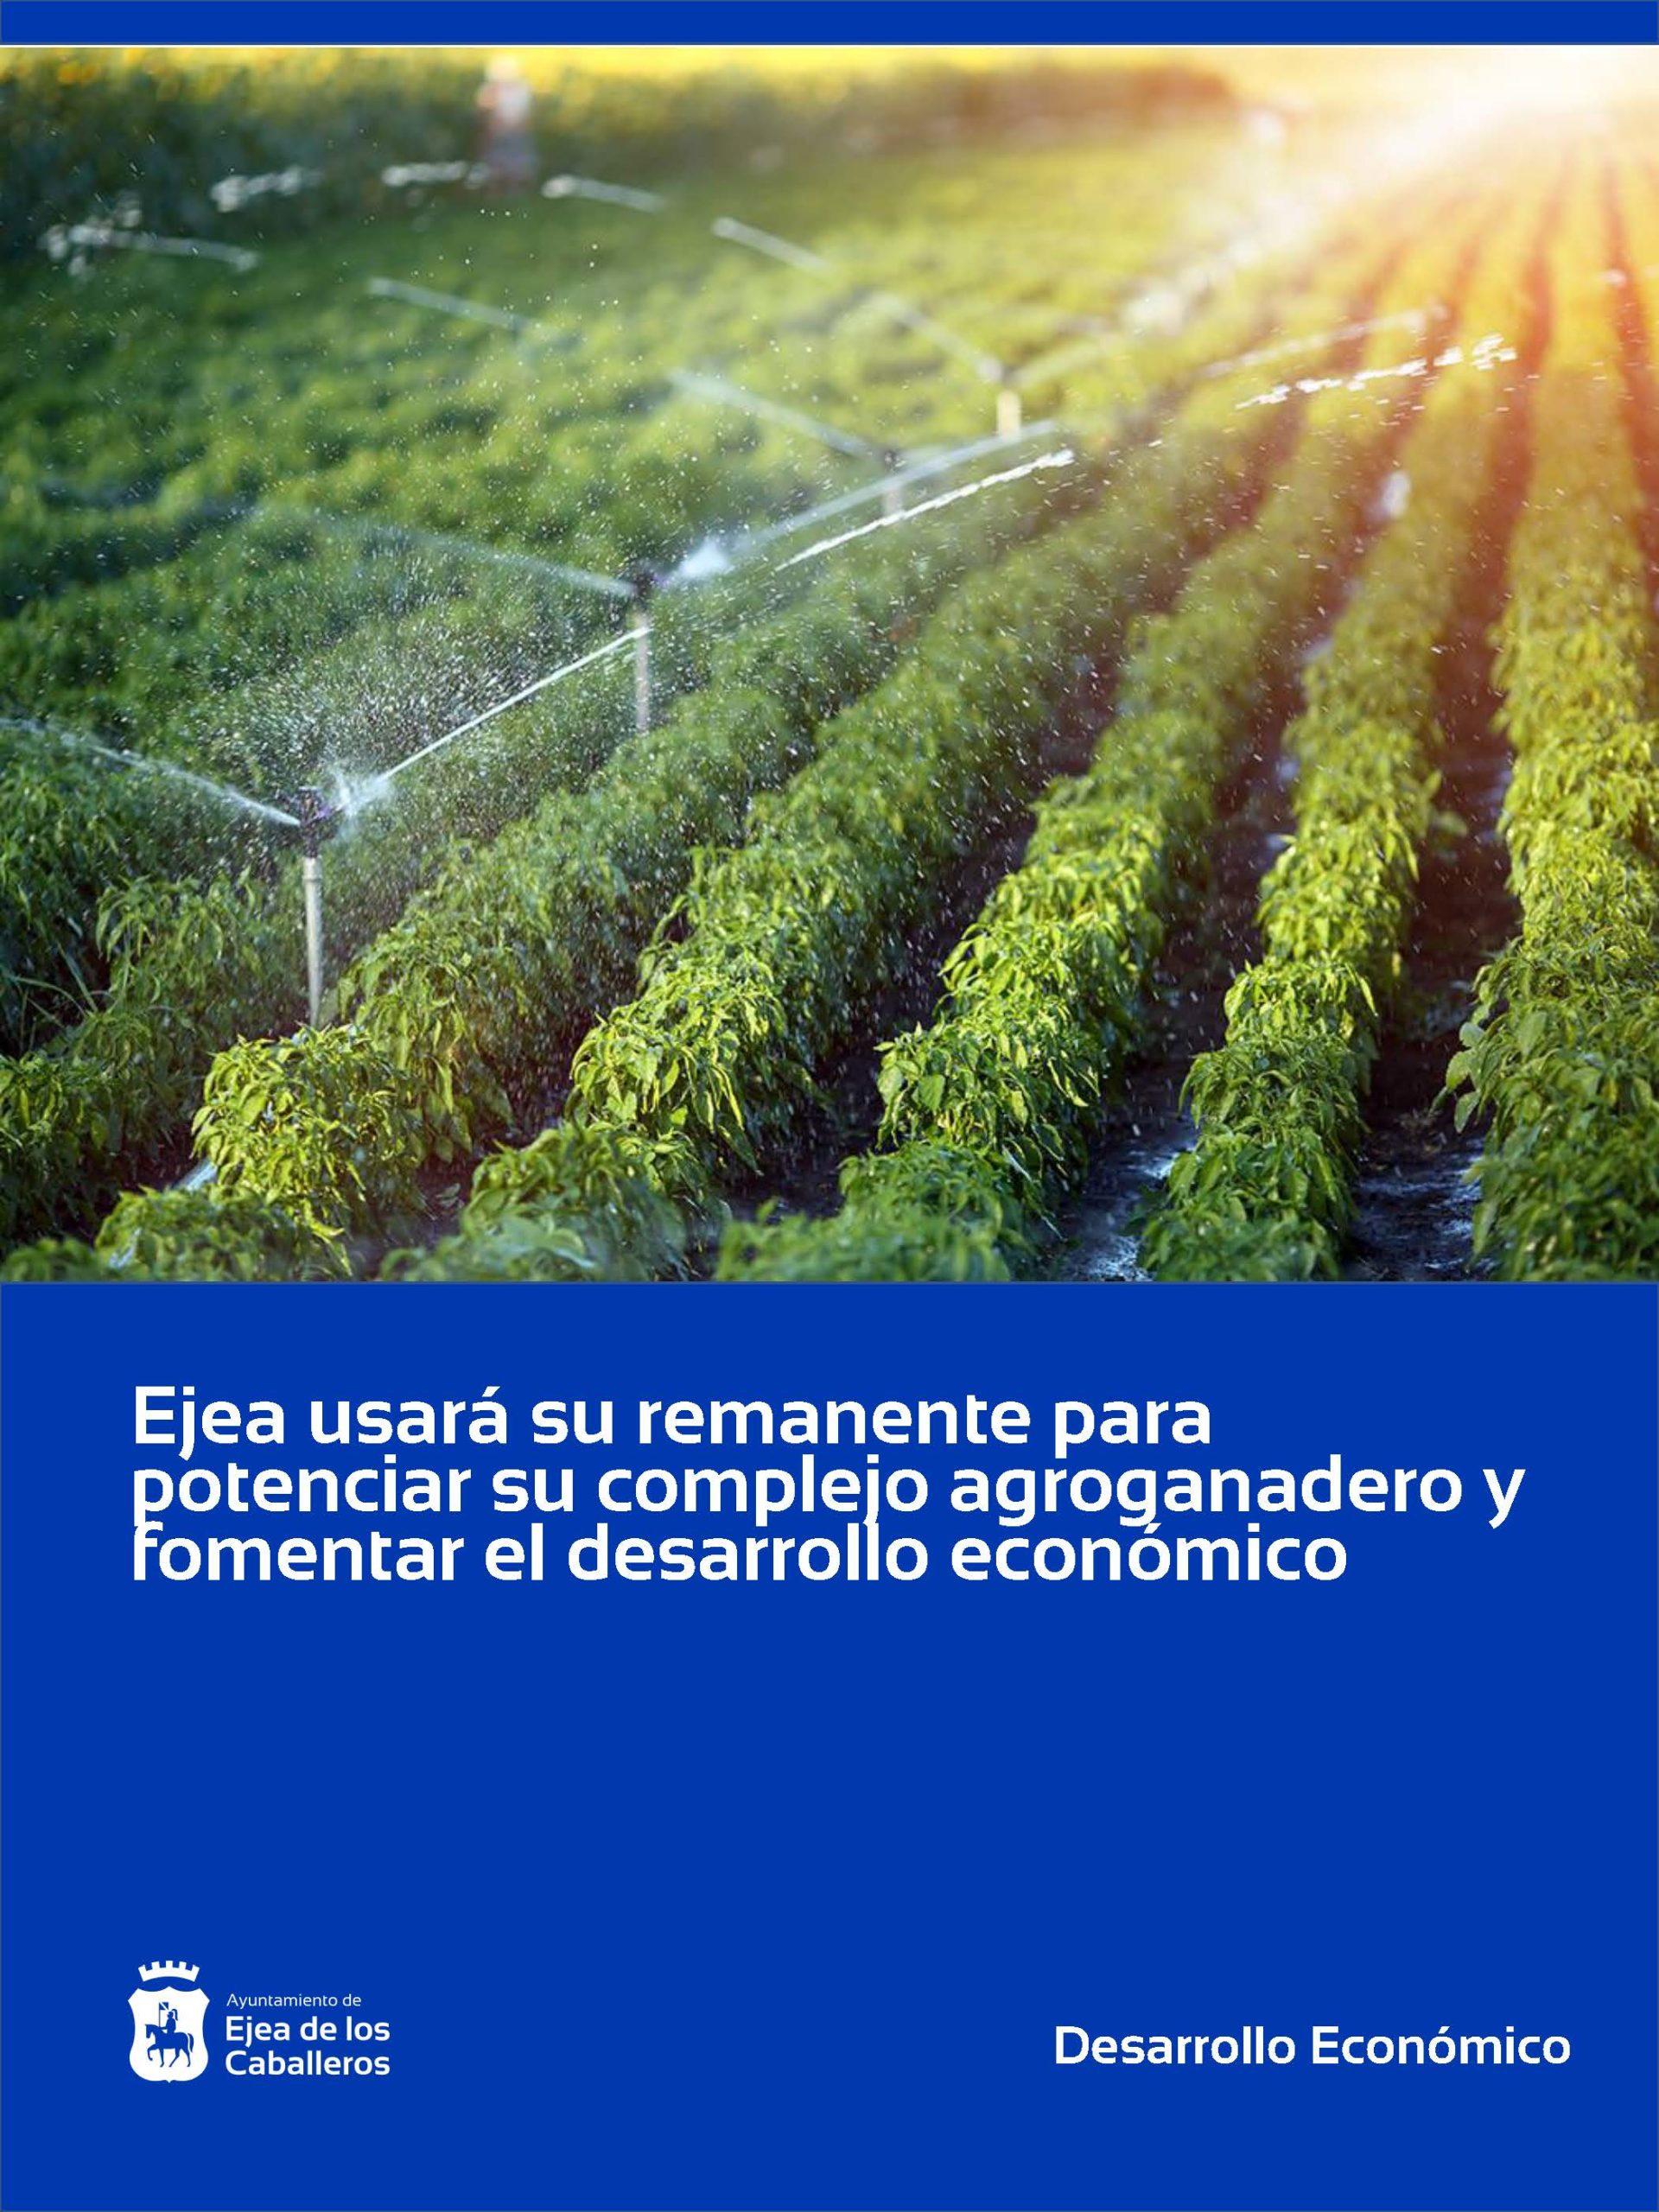 Ejea de los Caballeros continúa utilizando su remanente de tesorería con más de 5 millones de euros para potenciar su complejo agroganadero innovador y fomentar el desarrollo económico